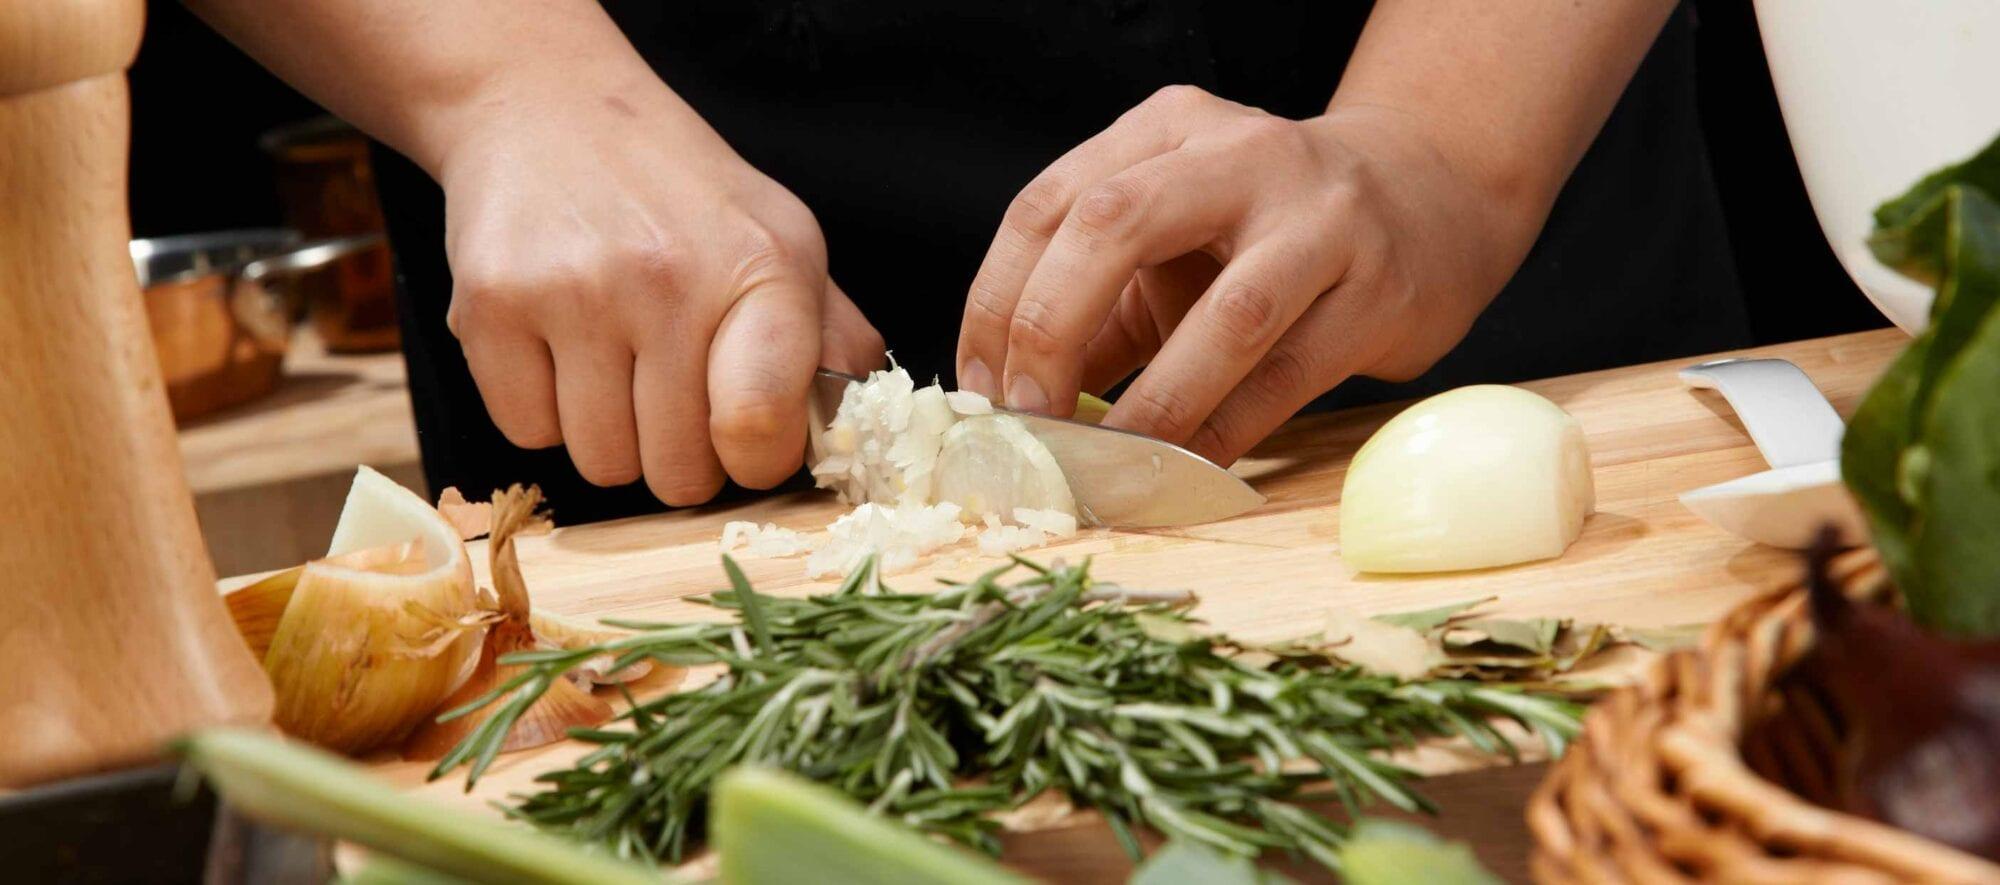 Kok der skærer grøntsager